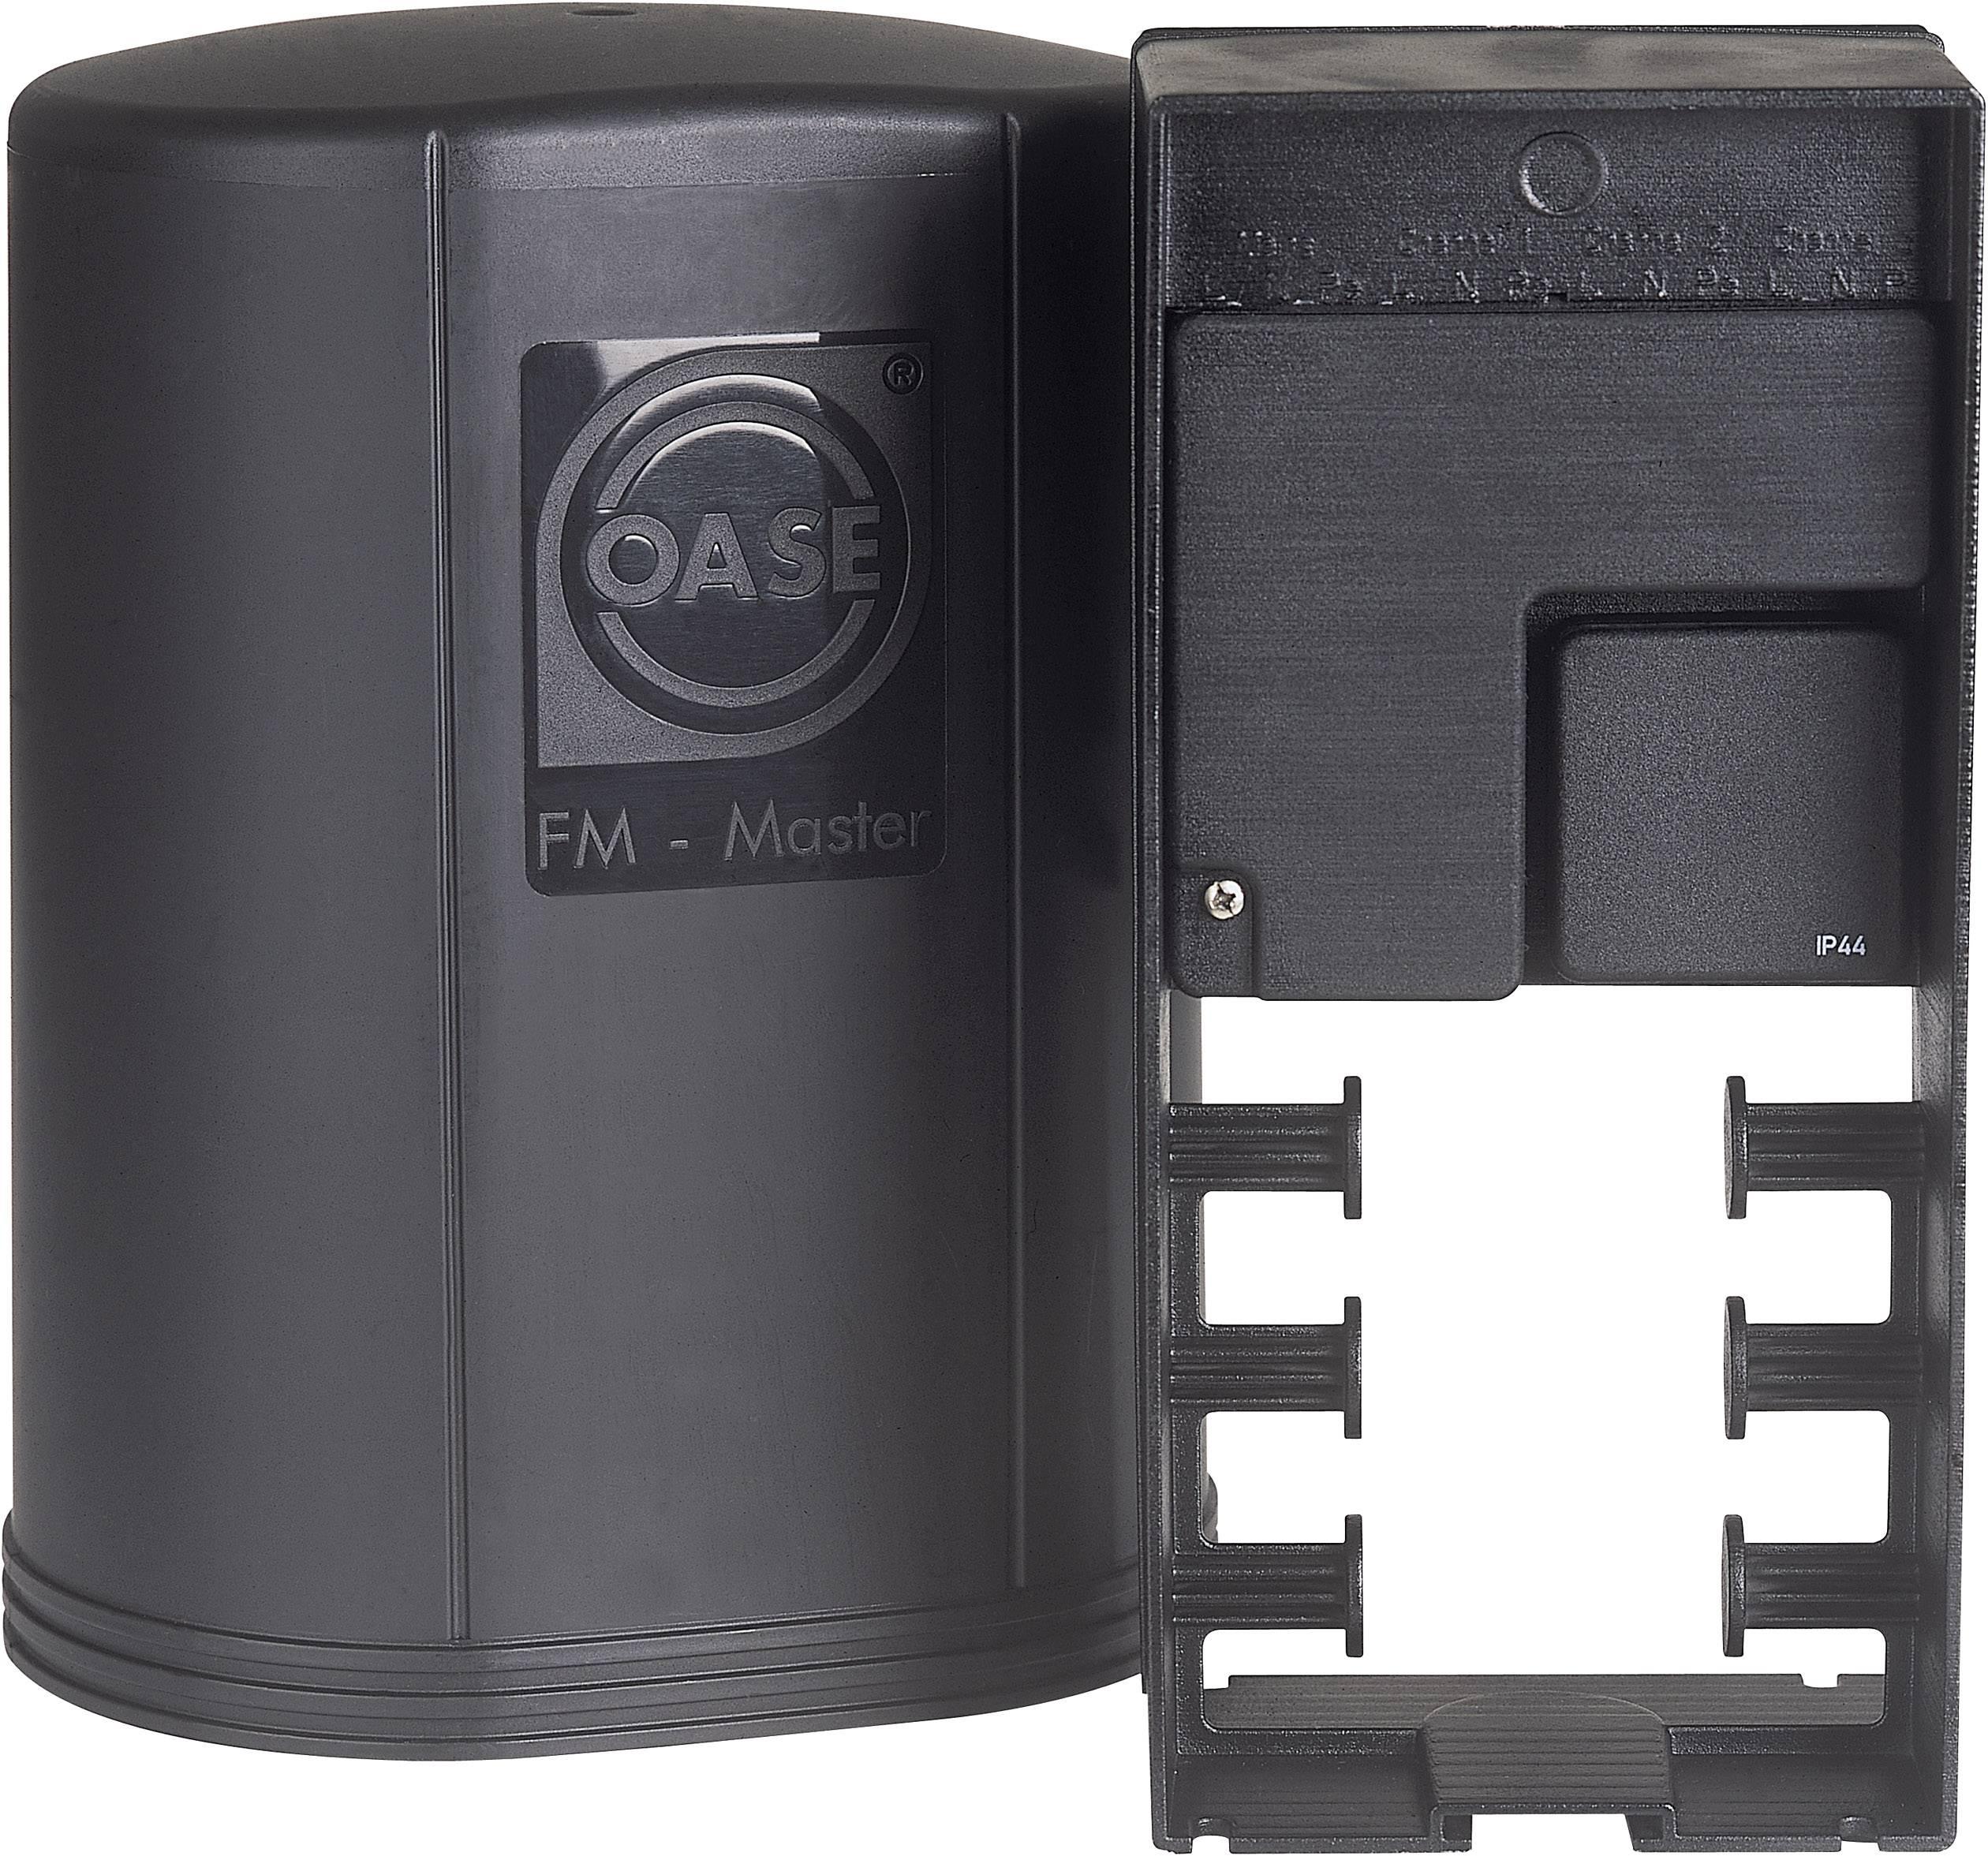 Záhradná zásuvka Oase op spies FM-Master 1 54978, čierna, 4-násobný